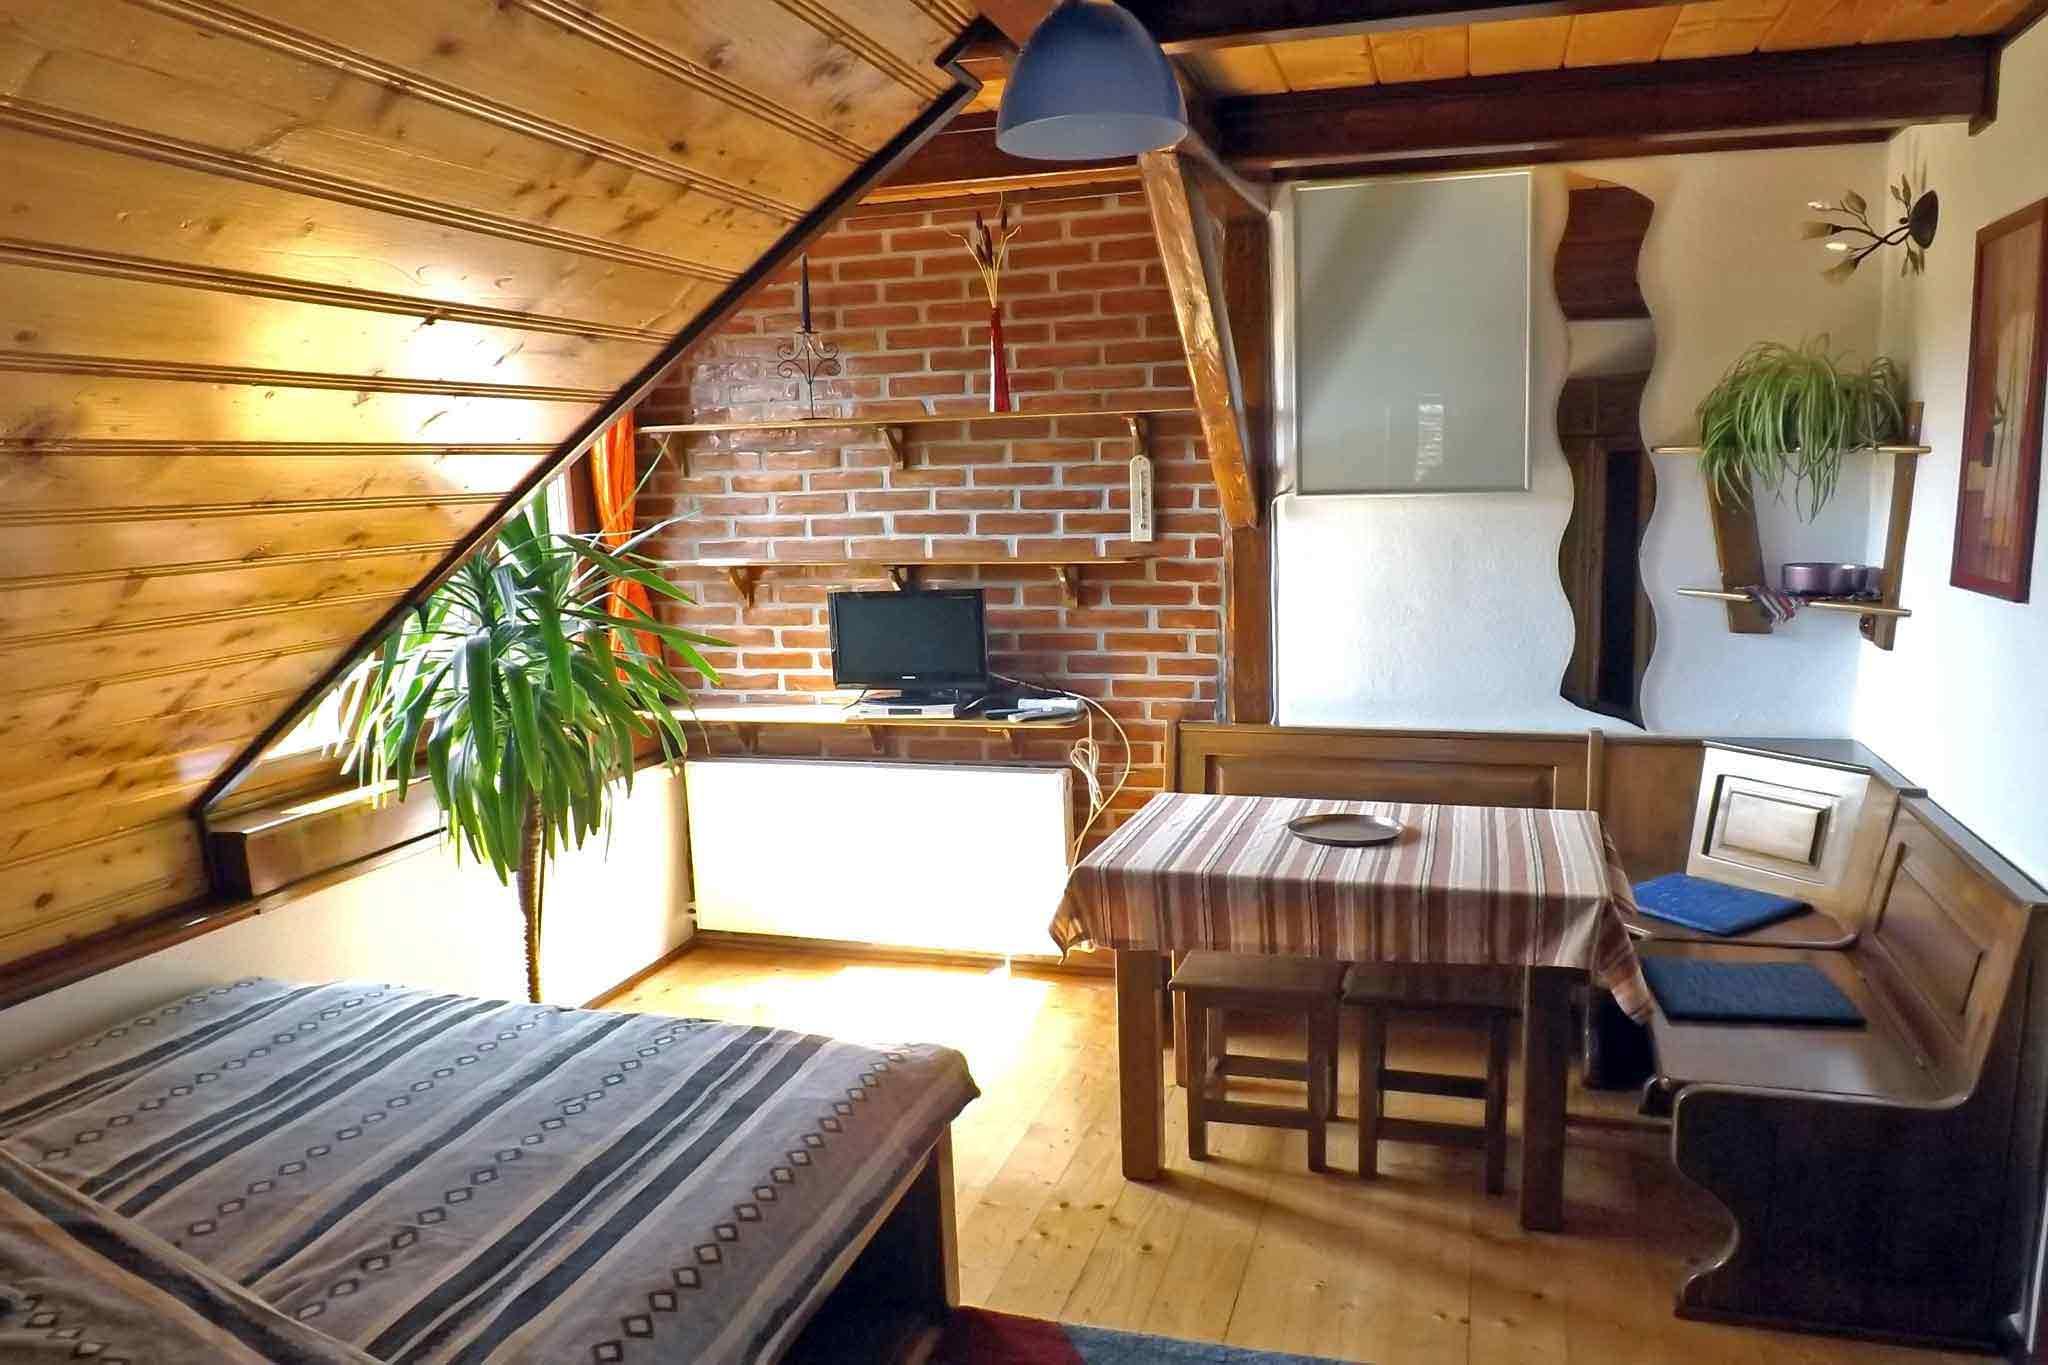 location villa vacances sibiu pour sejour en famille en roumanie auc carpates en transylvanie